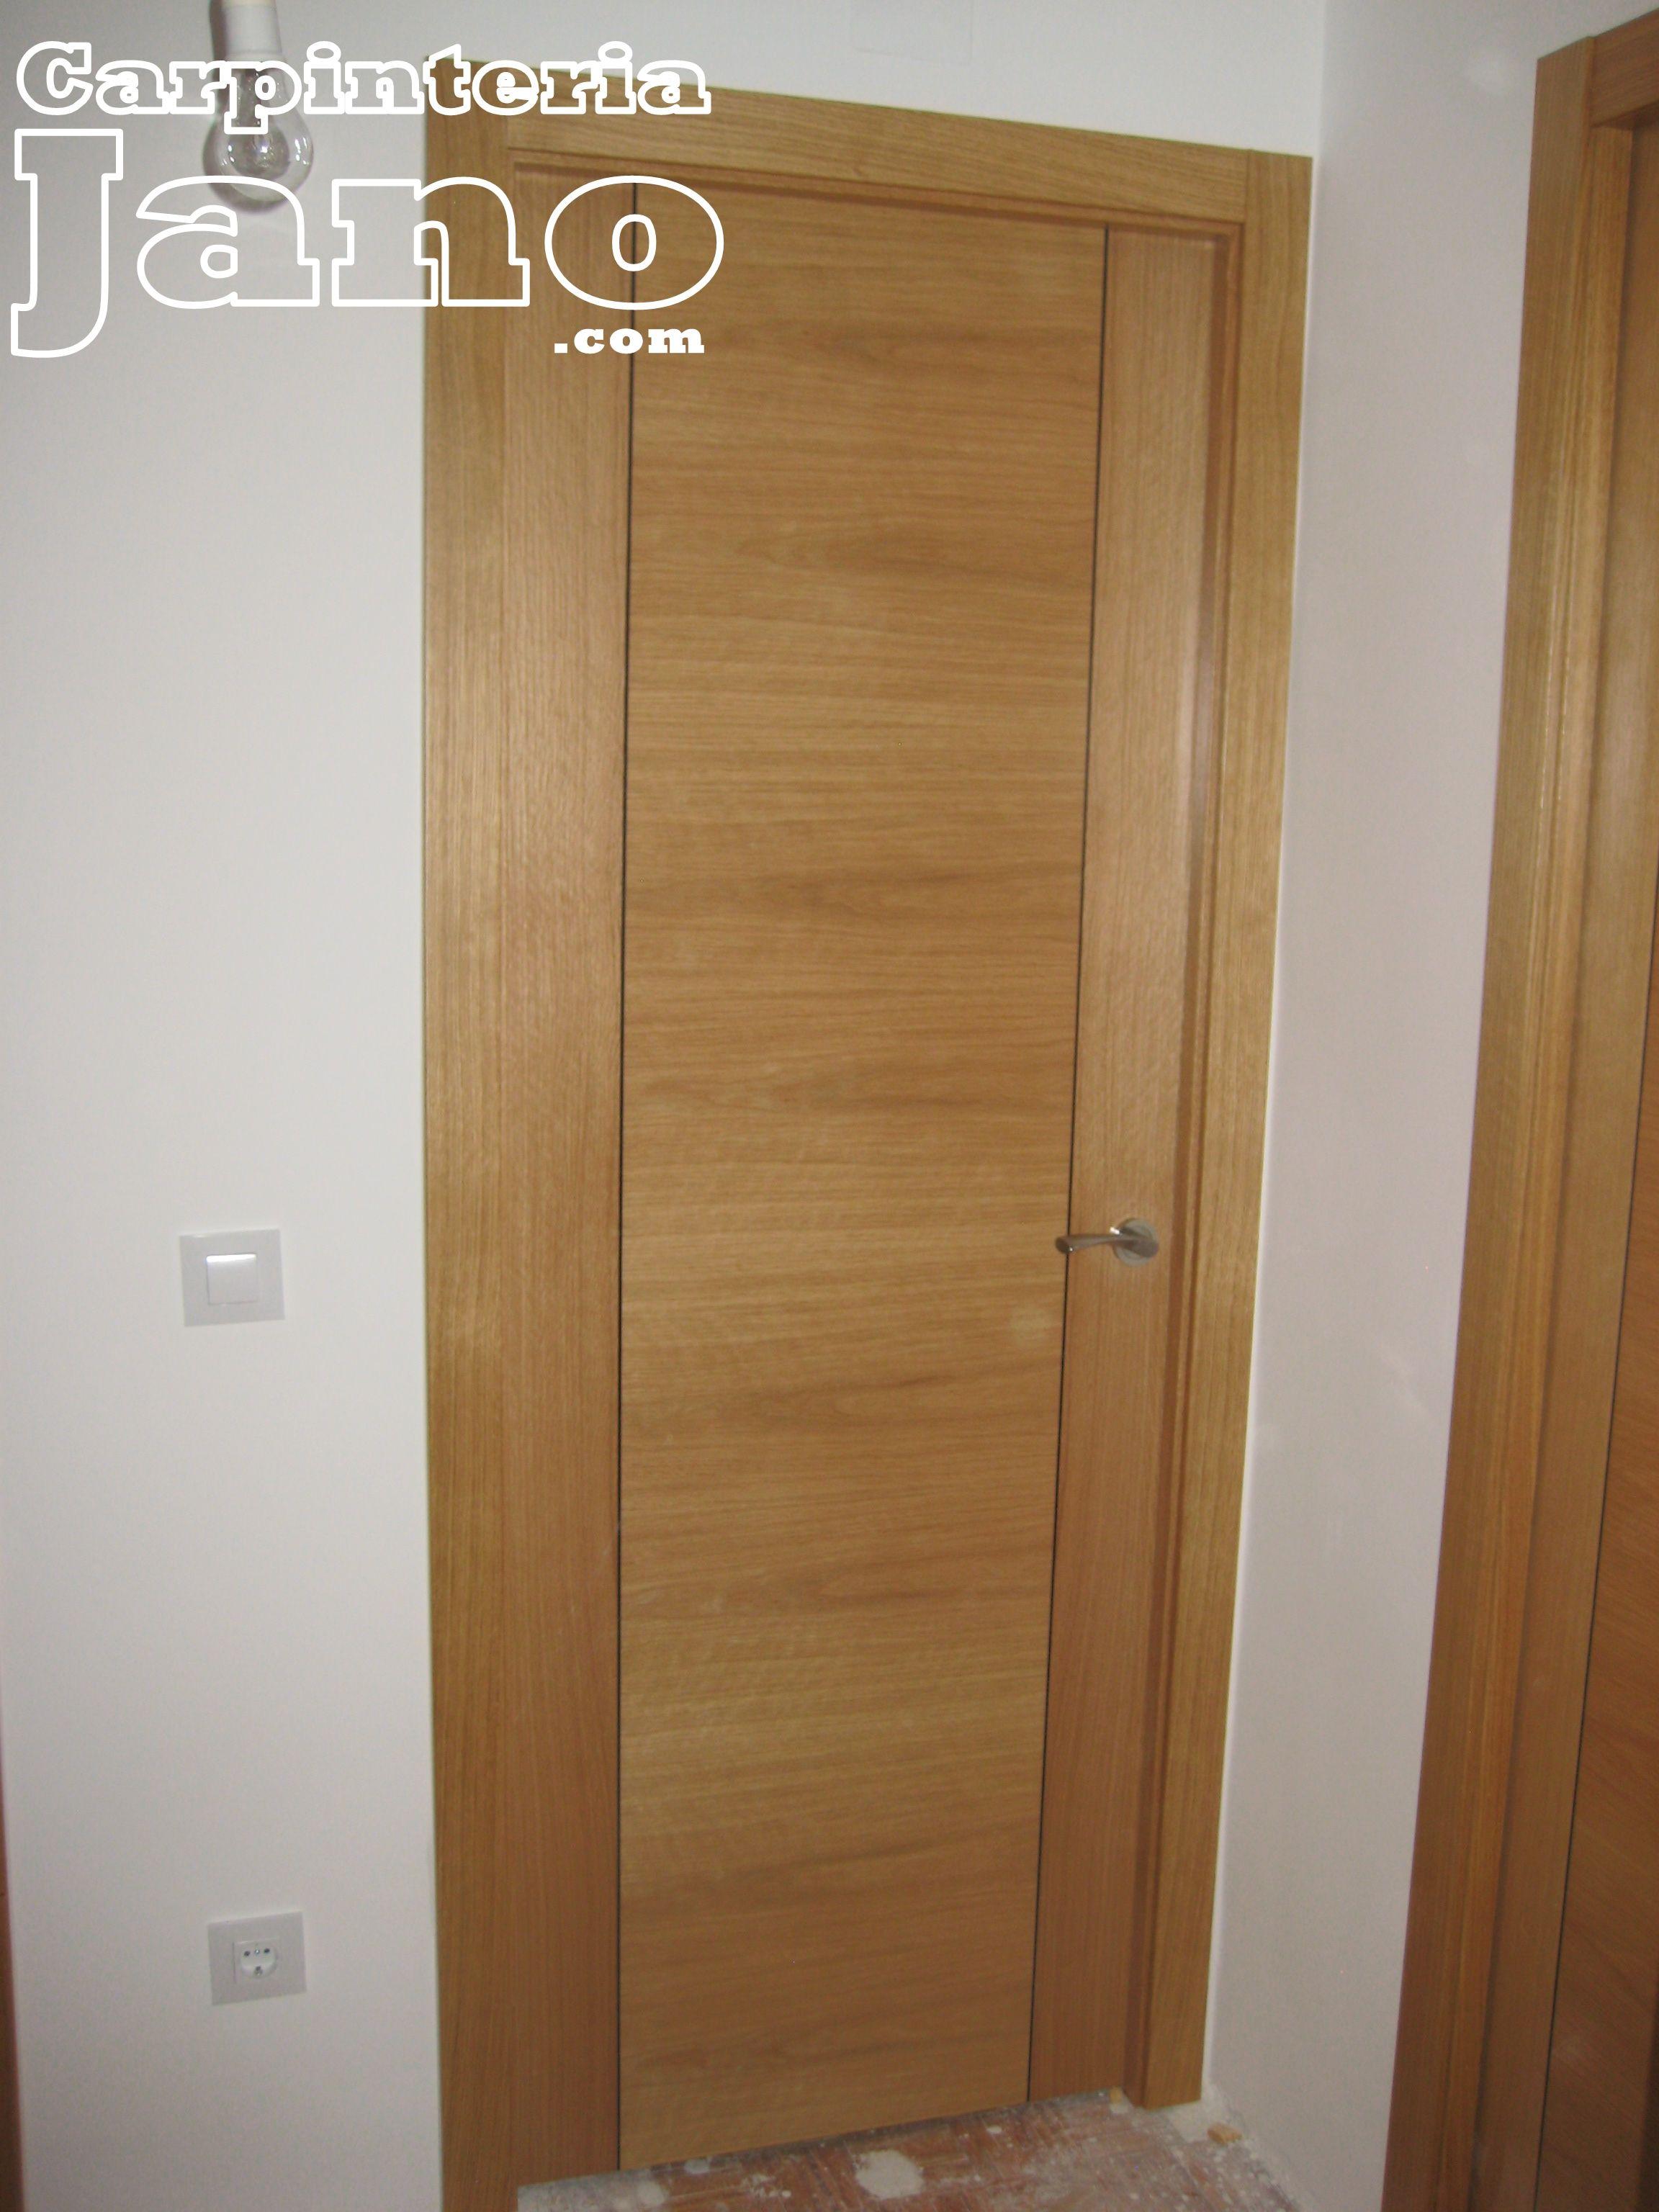 Puerta de roble barnizada con grecas negras porta roure for Puertas de roble